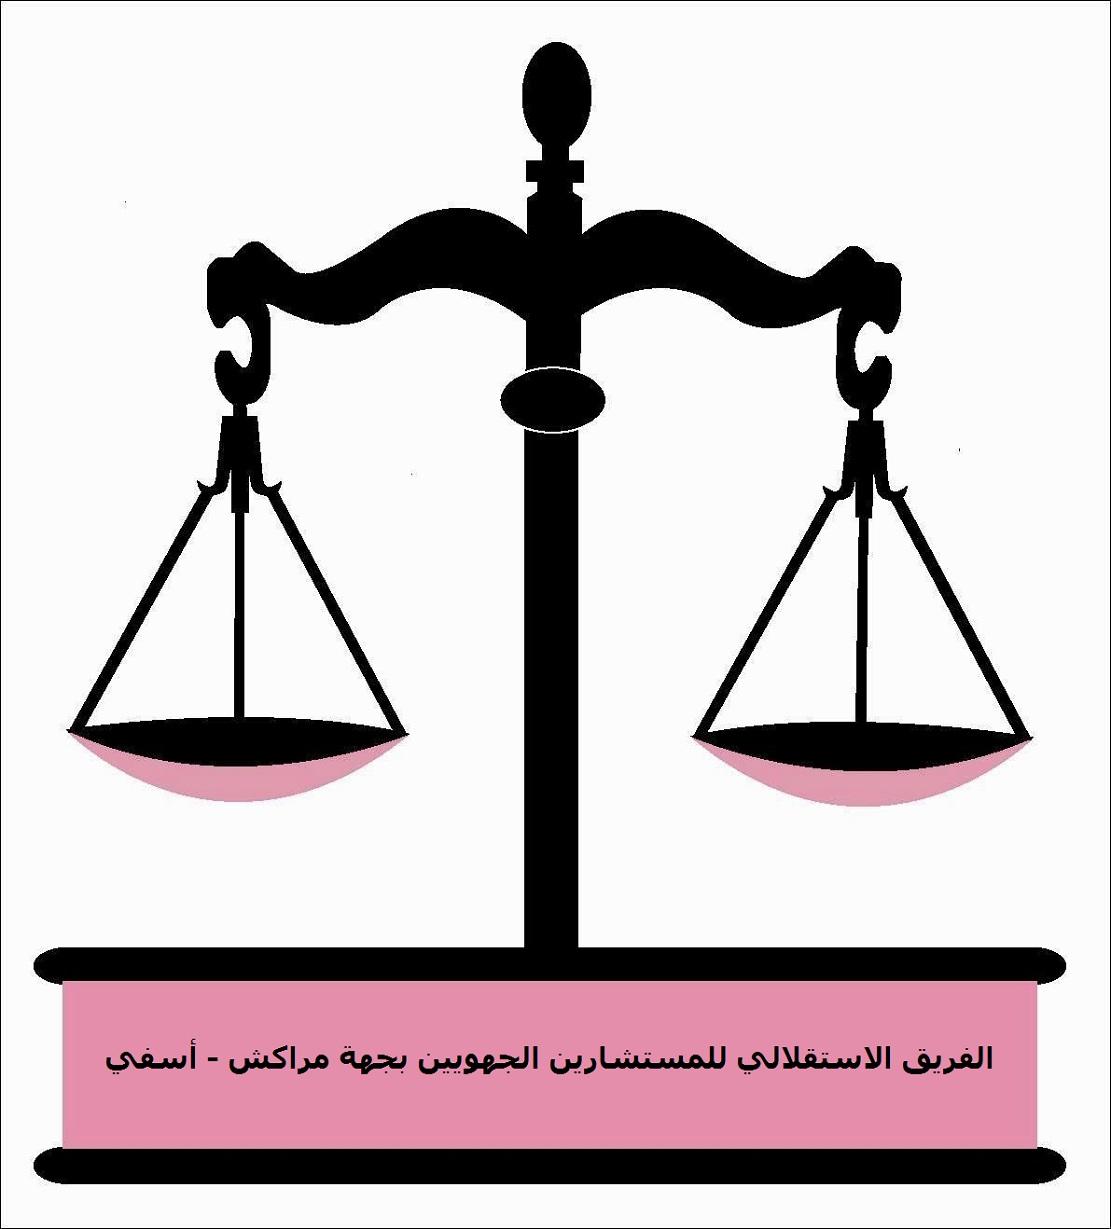 أعضاء الفريق الاستقلالي بمجلس جهة مراكش أسفي يؤكدون انخراطهم في توجهات قيادة الحزب